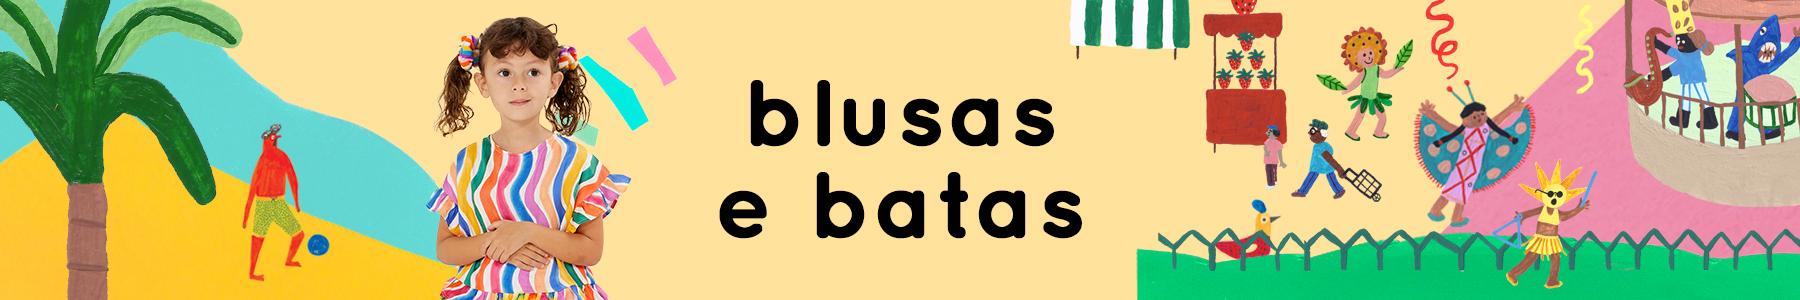 Banners individuais